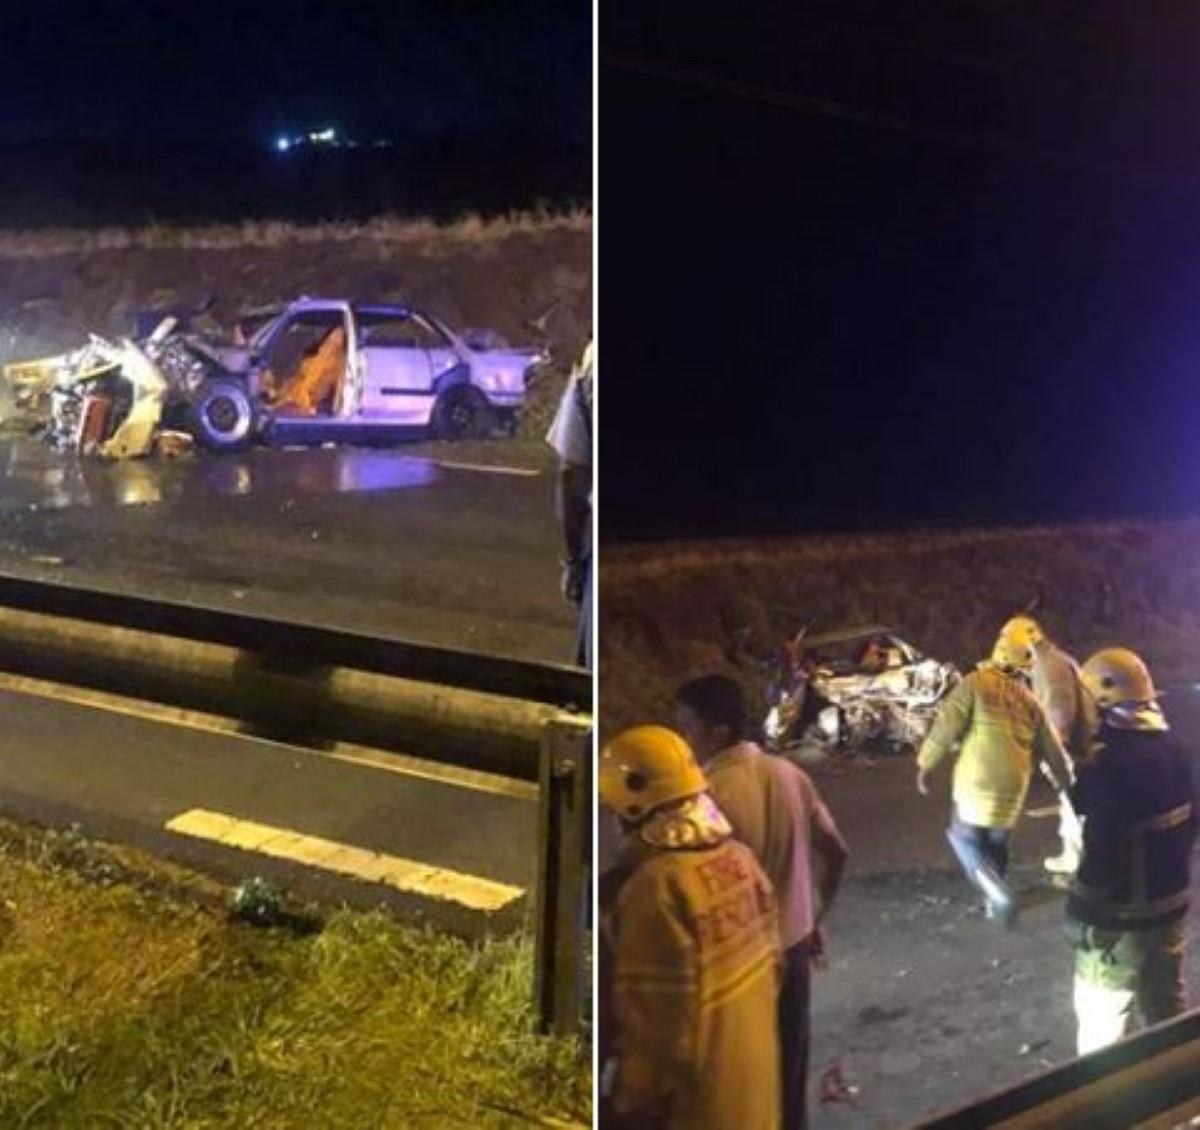 Accident à Grand-Baie : Deux jeunes trouvent la mort et 3 blessés dans un état jugé préoccupant